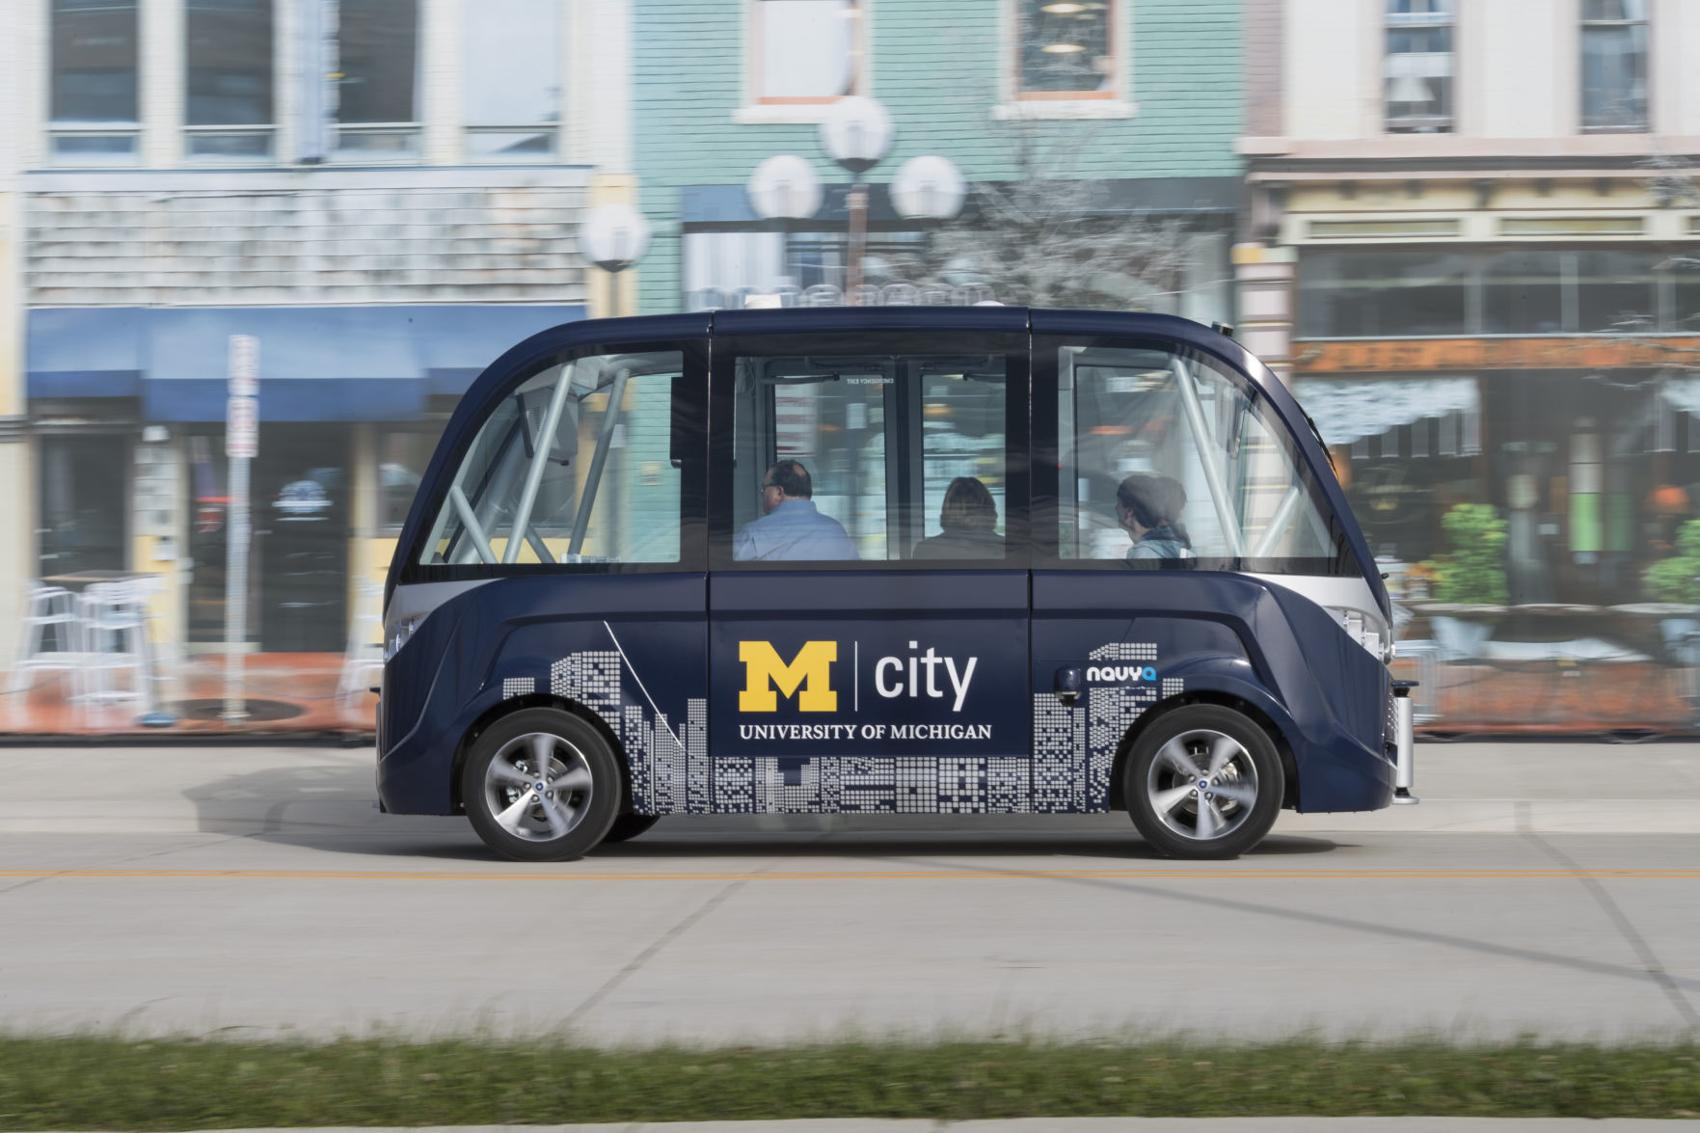 University of MIchigan's driverless shuttle bus